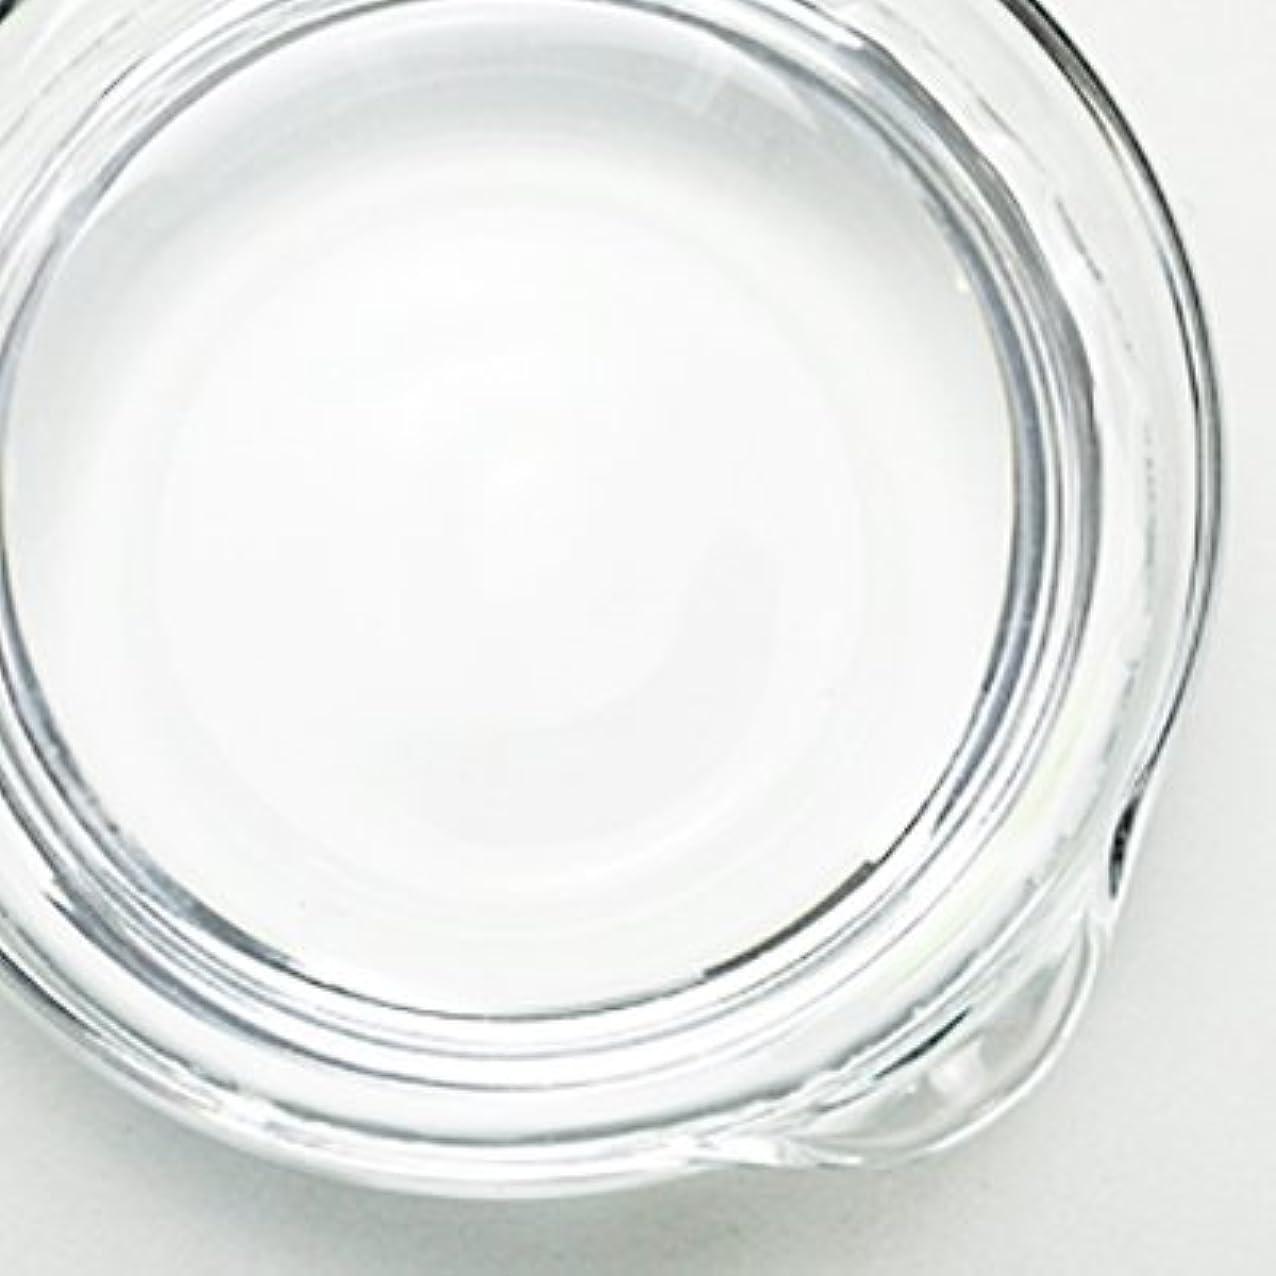 化学父方の拍手する1,3-ブチレングリコール[BG] 250ml 【手作り石鹸/手作りコスメ】